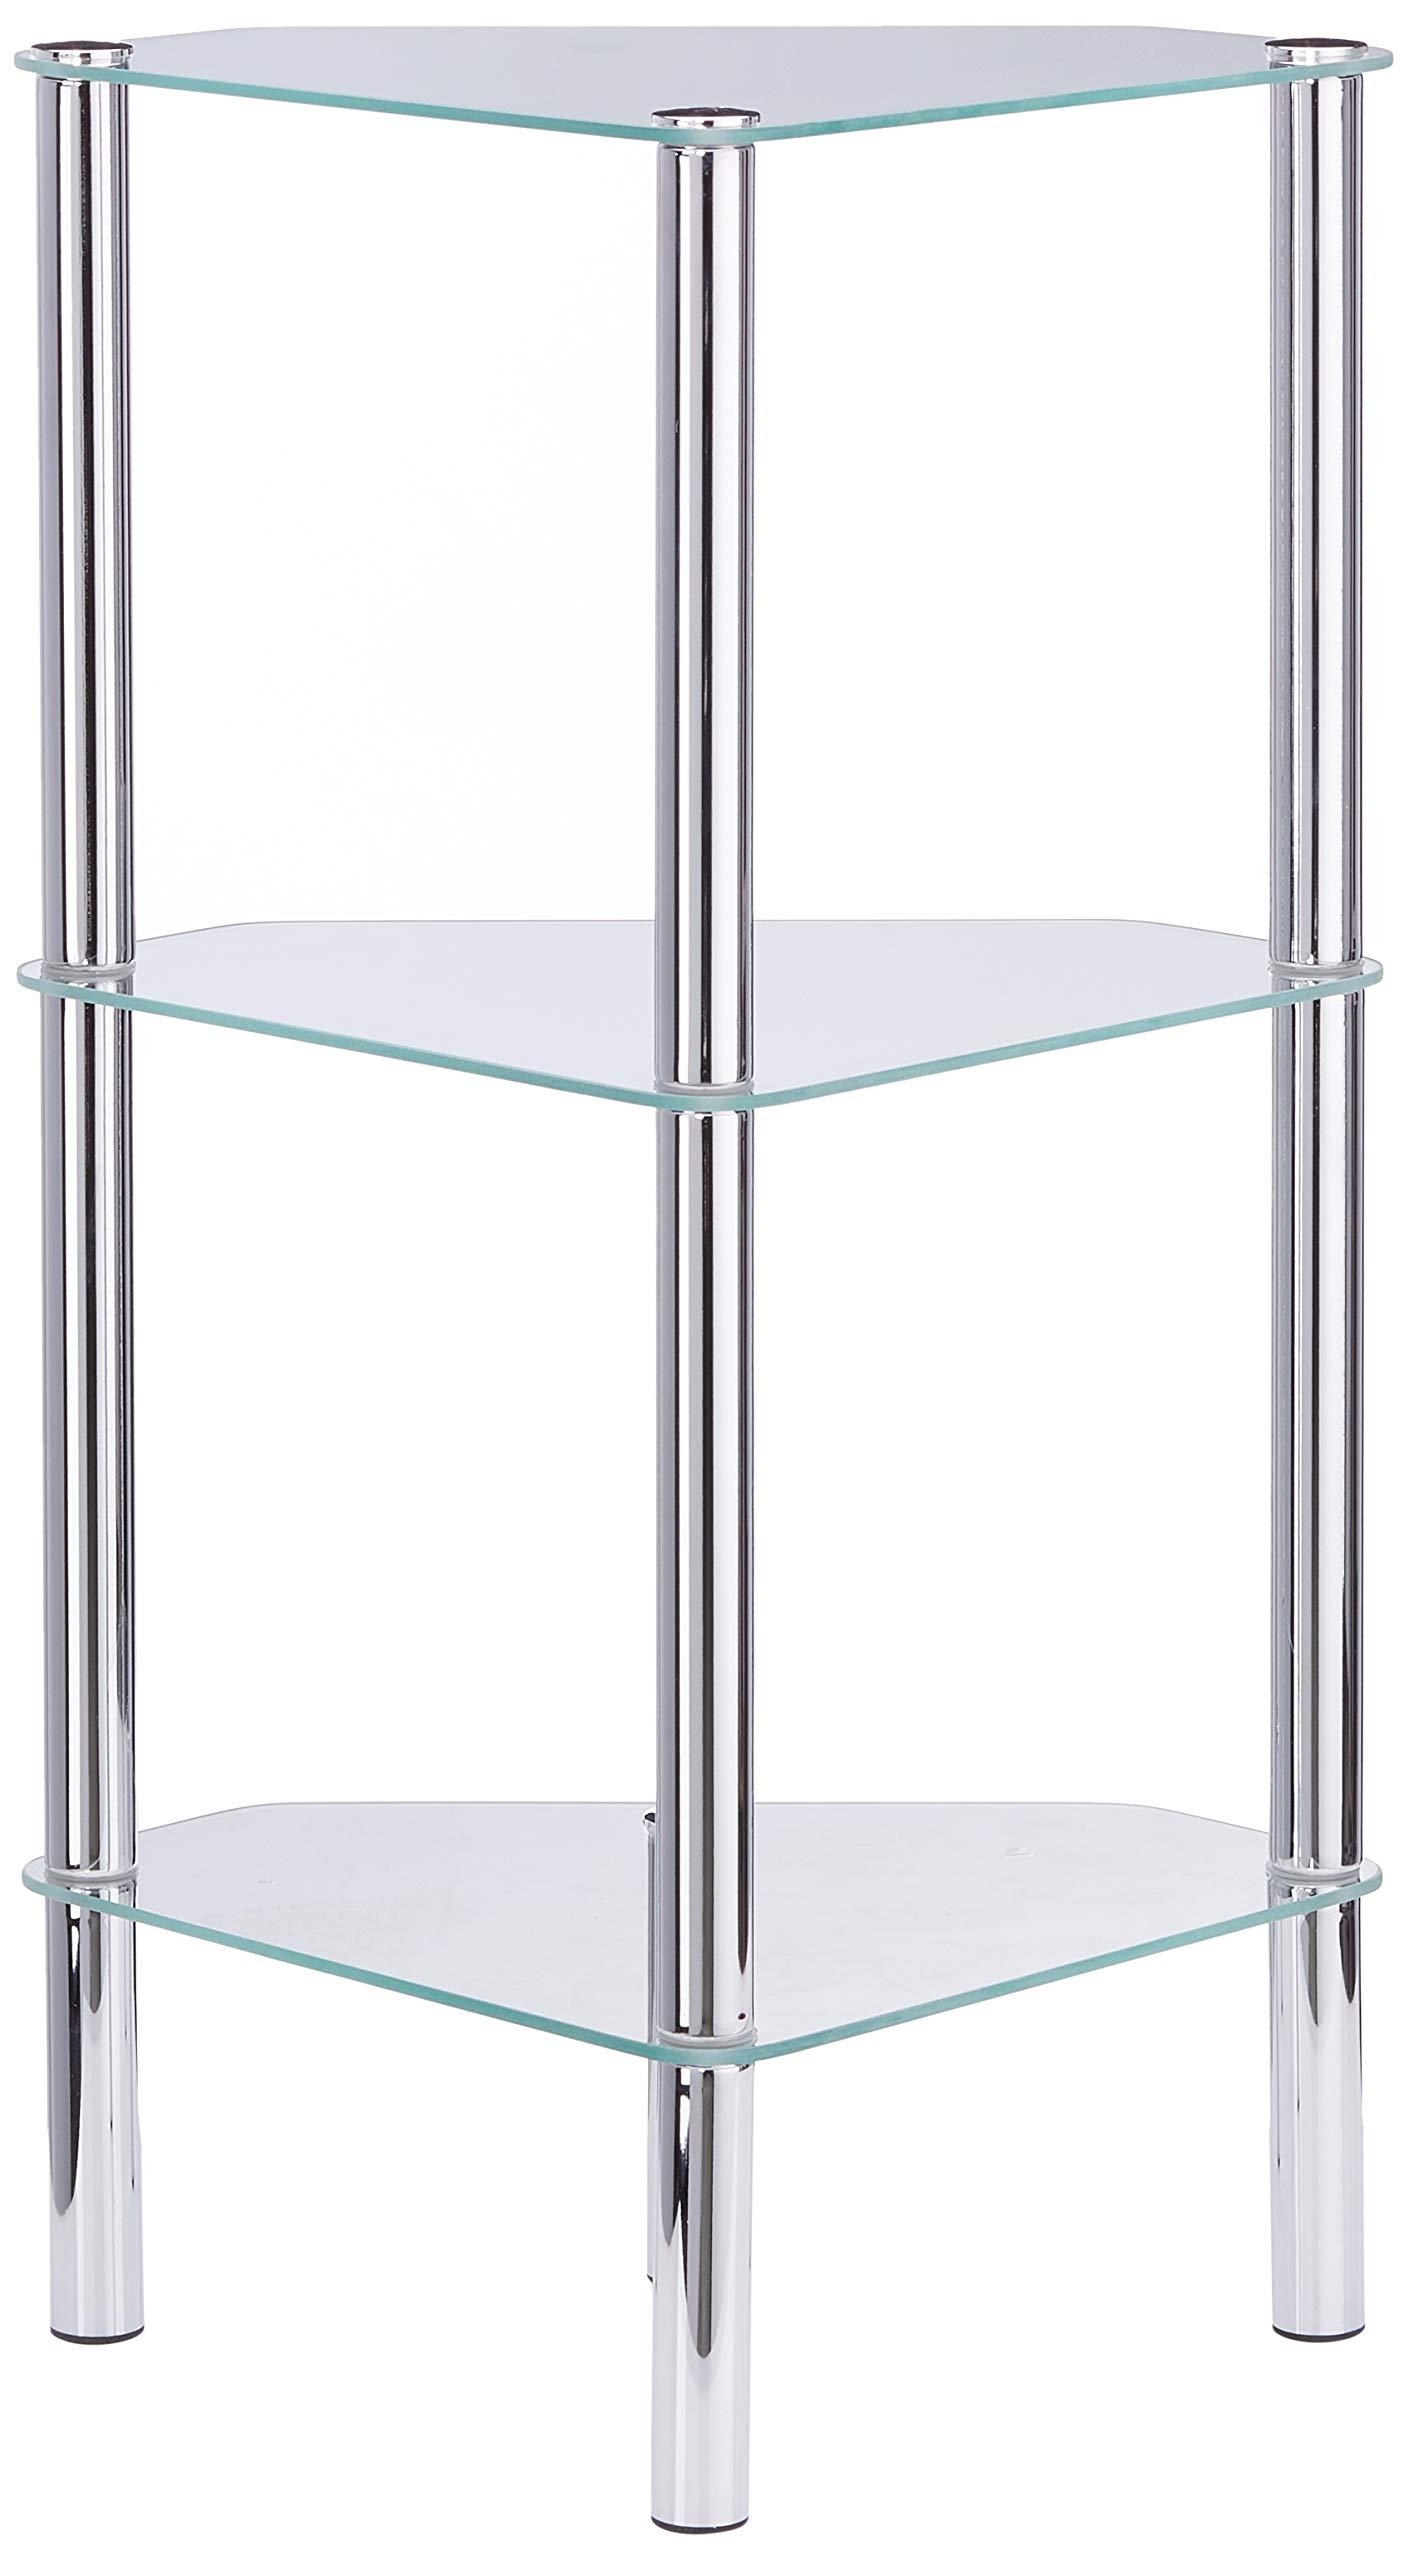 Haku Möbel mesa de vidrio cuadrada en aspecto cromado, altura 47 cm: Amazon.es: Hogar